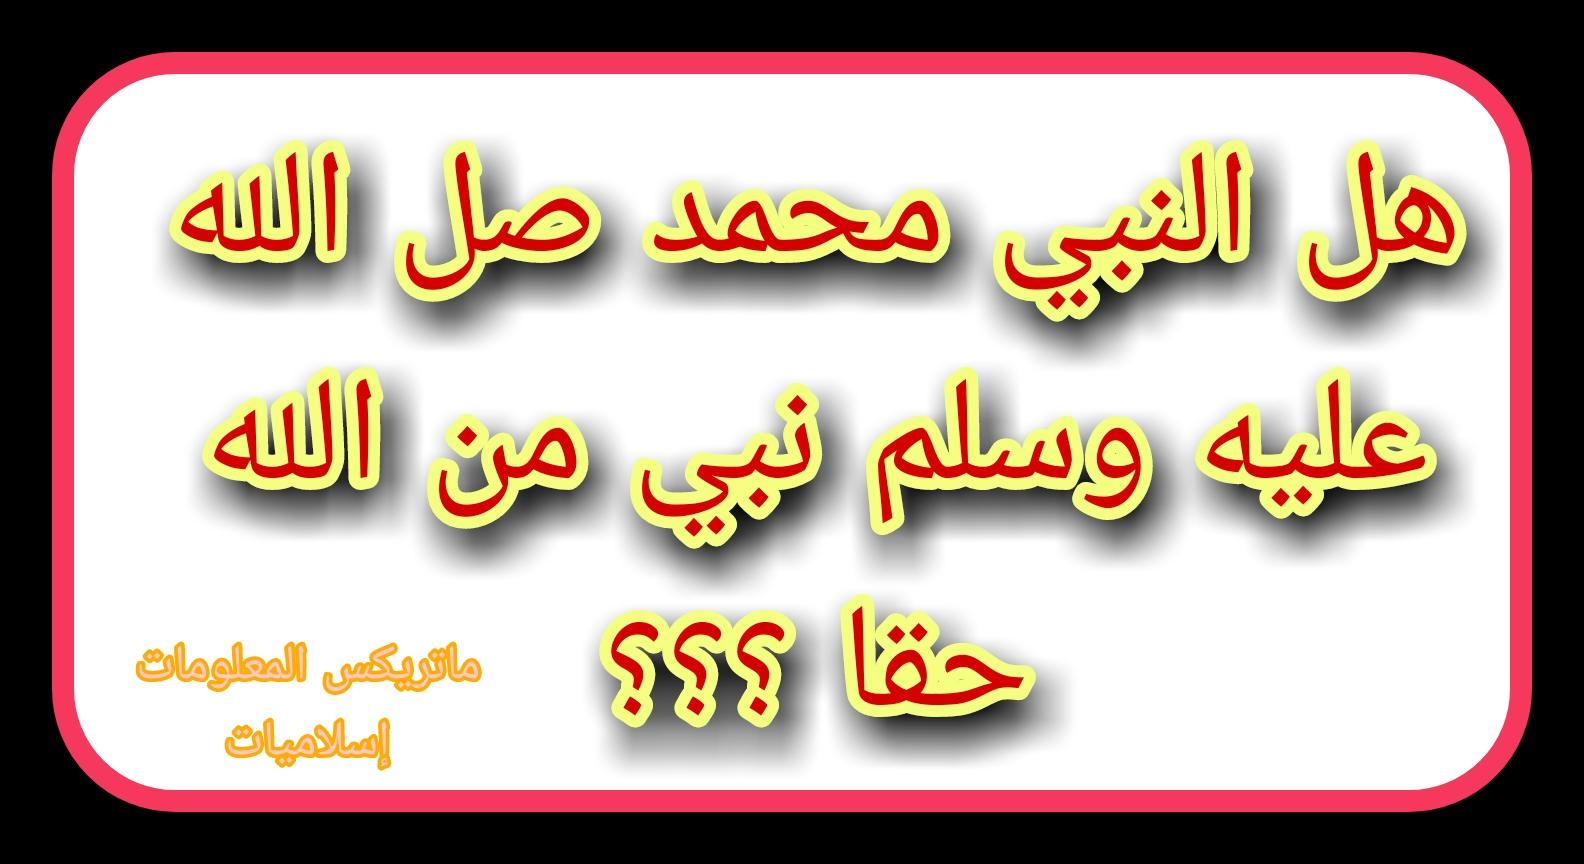 هل الرسول محمد هو نبي ورسول من الله حقا   بعثة النبي محمد صلى الله عليه وسلم